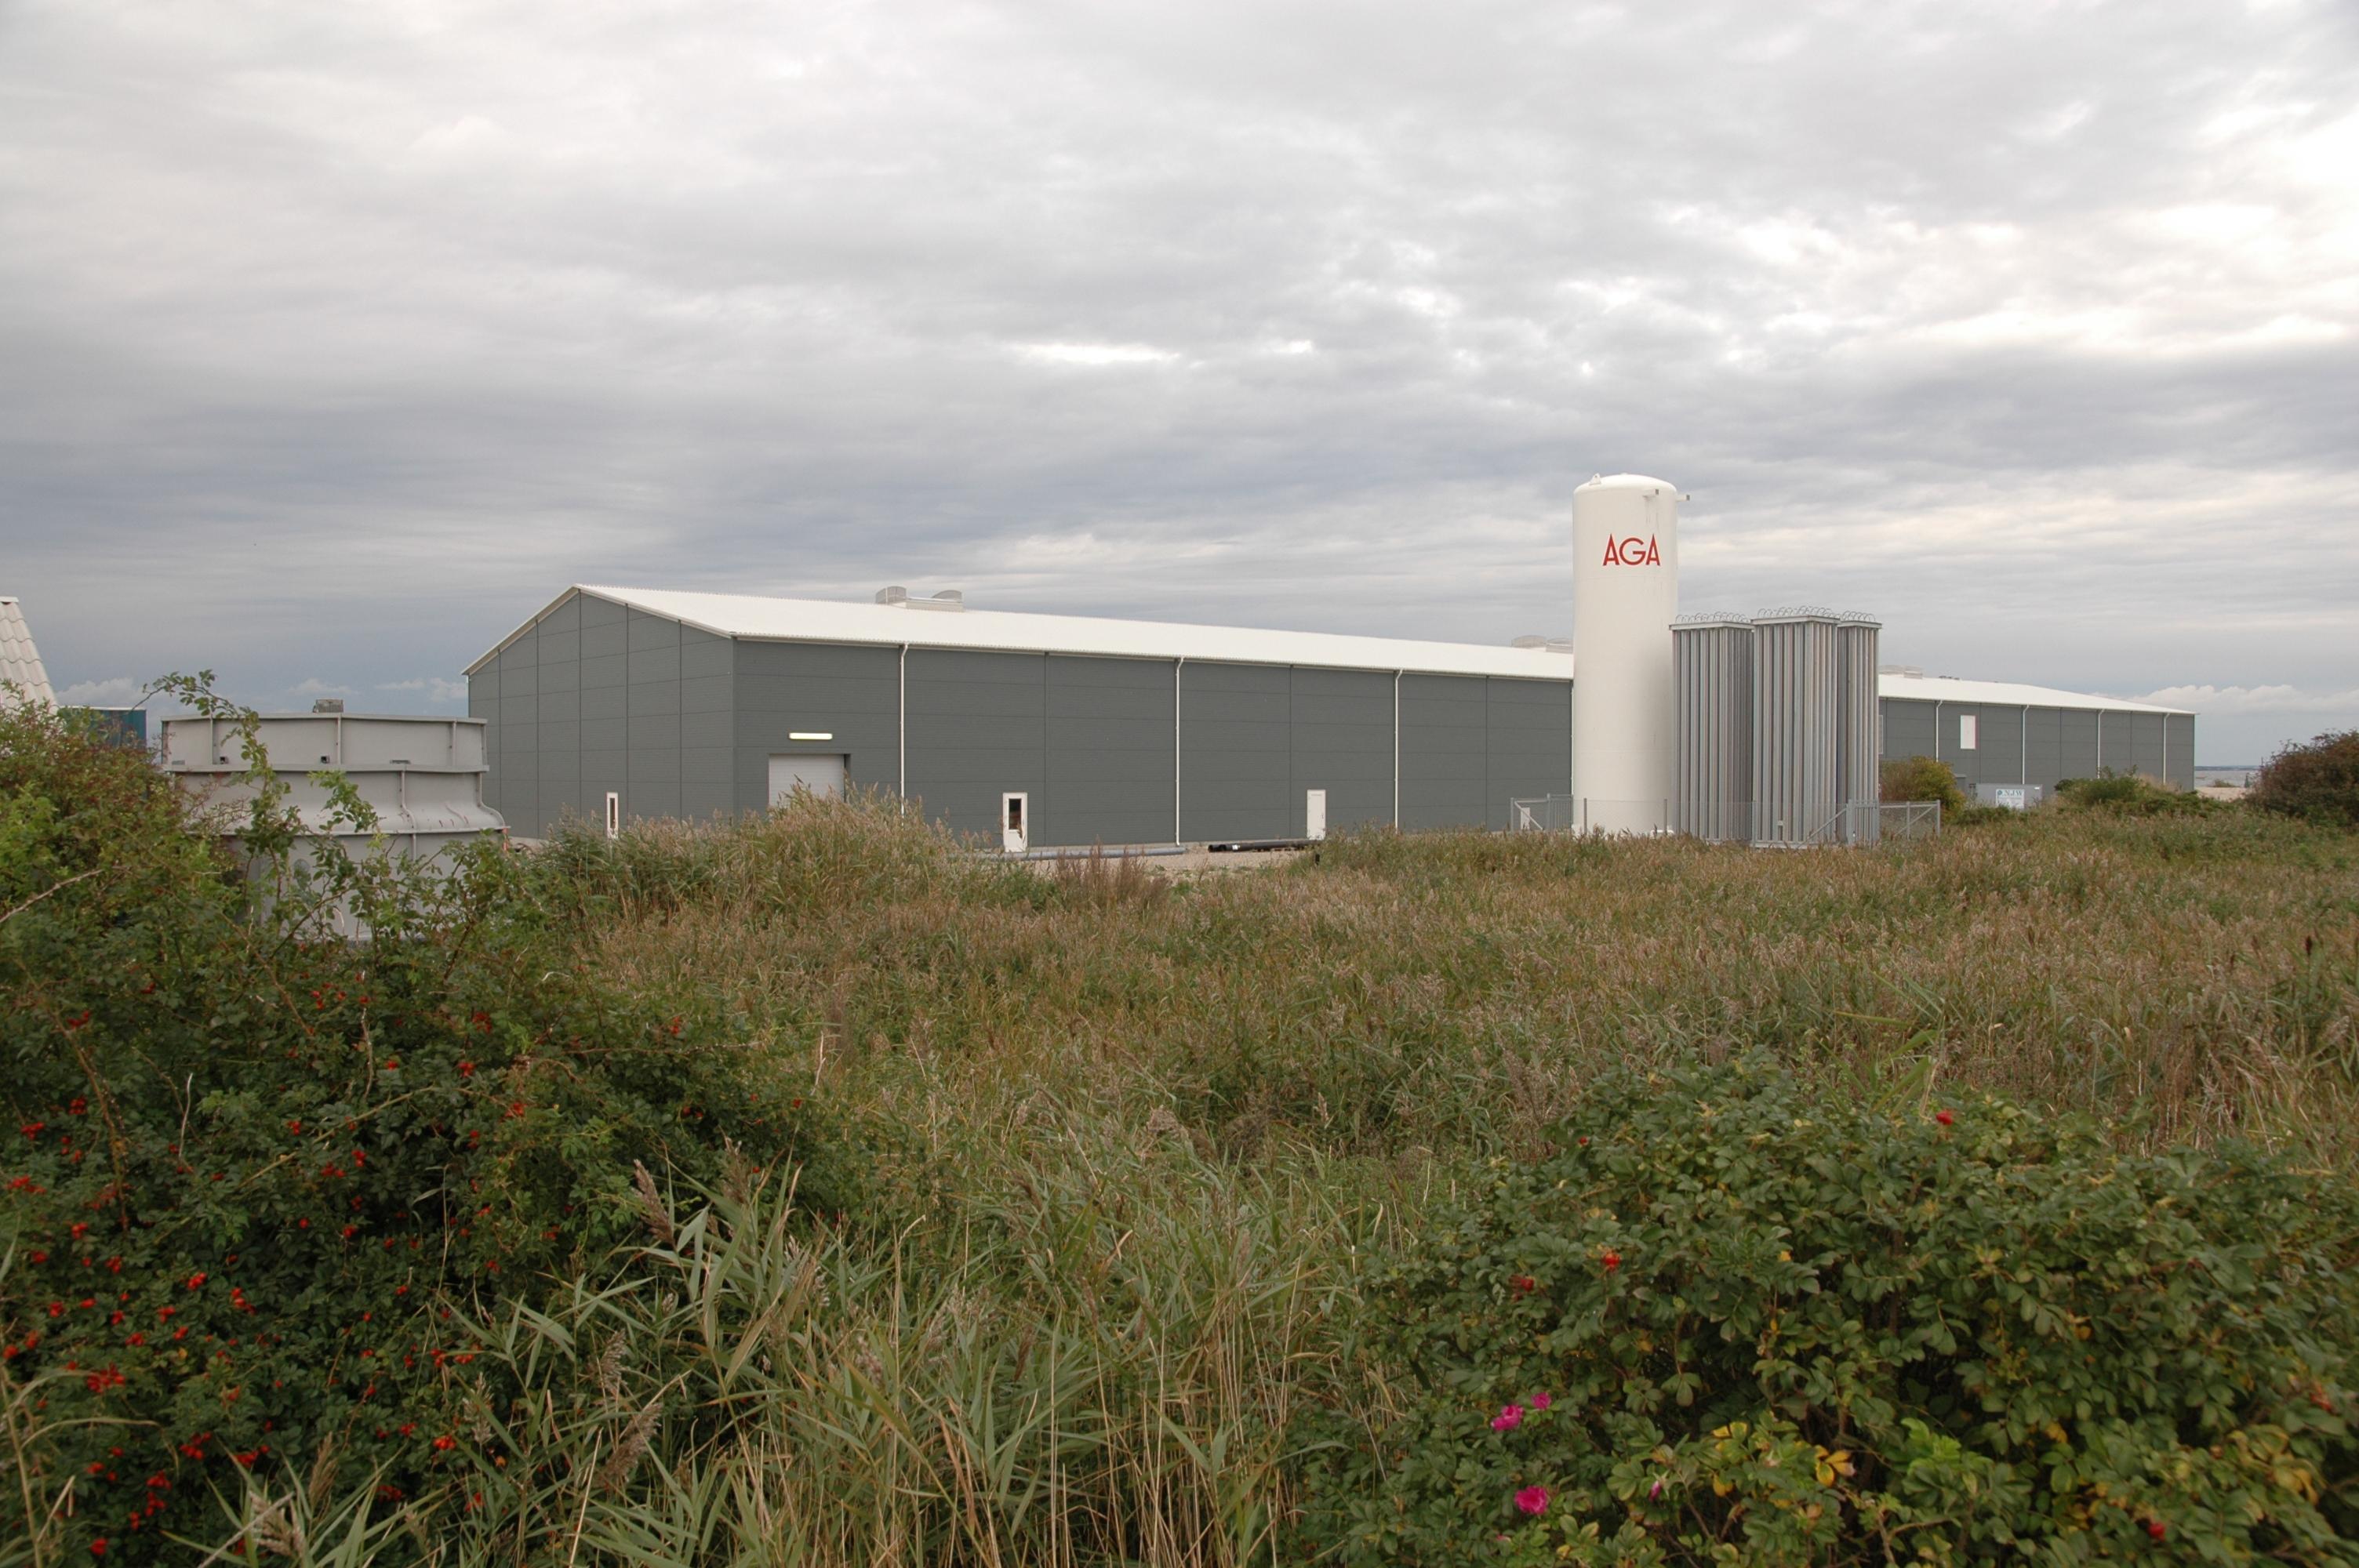 Dänemark: Lachsfarm von Atlantic Sapphire durch Feuer zerstört